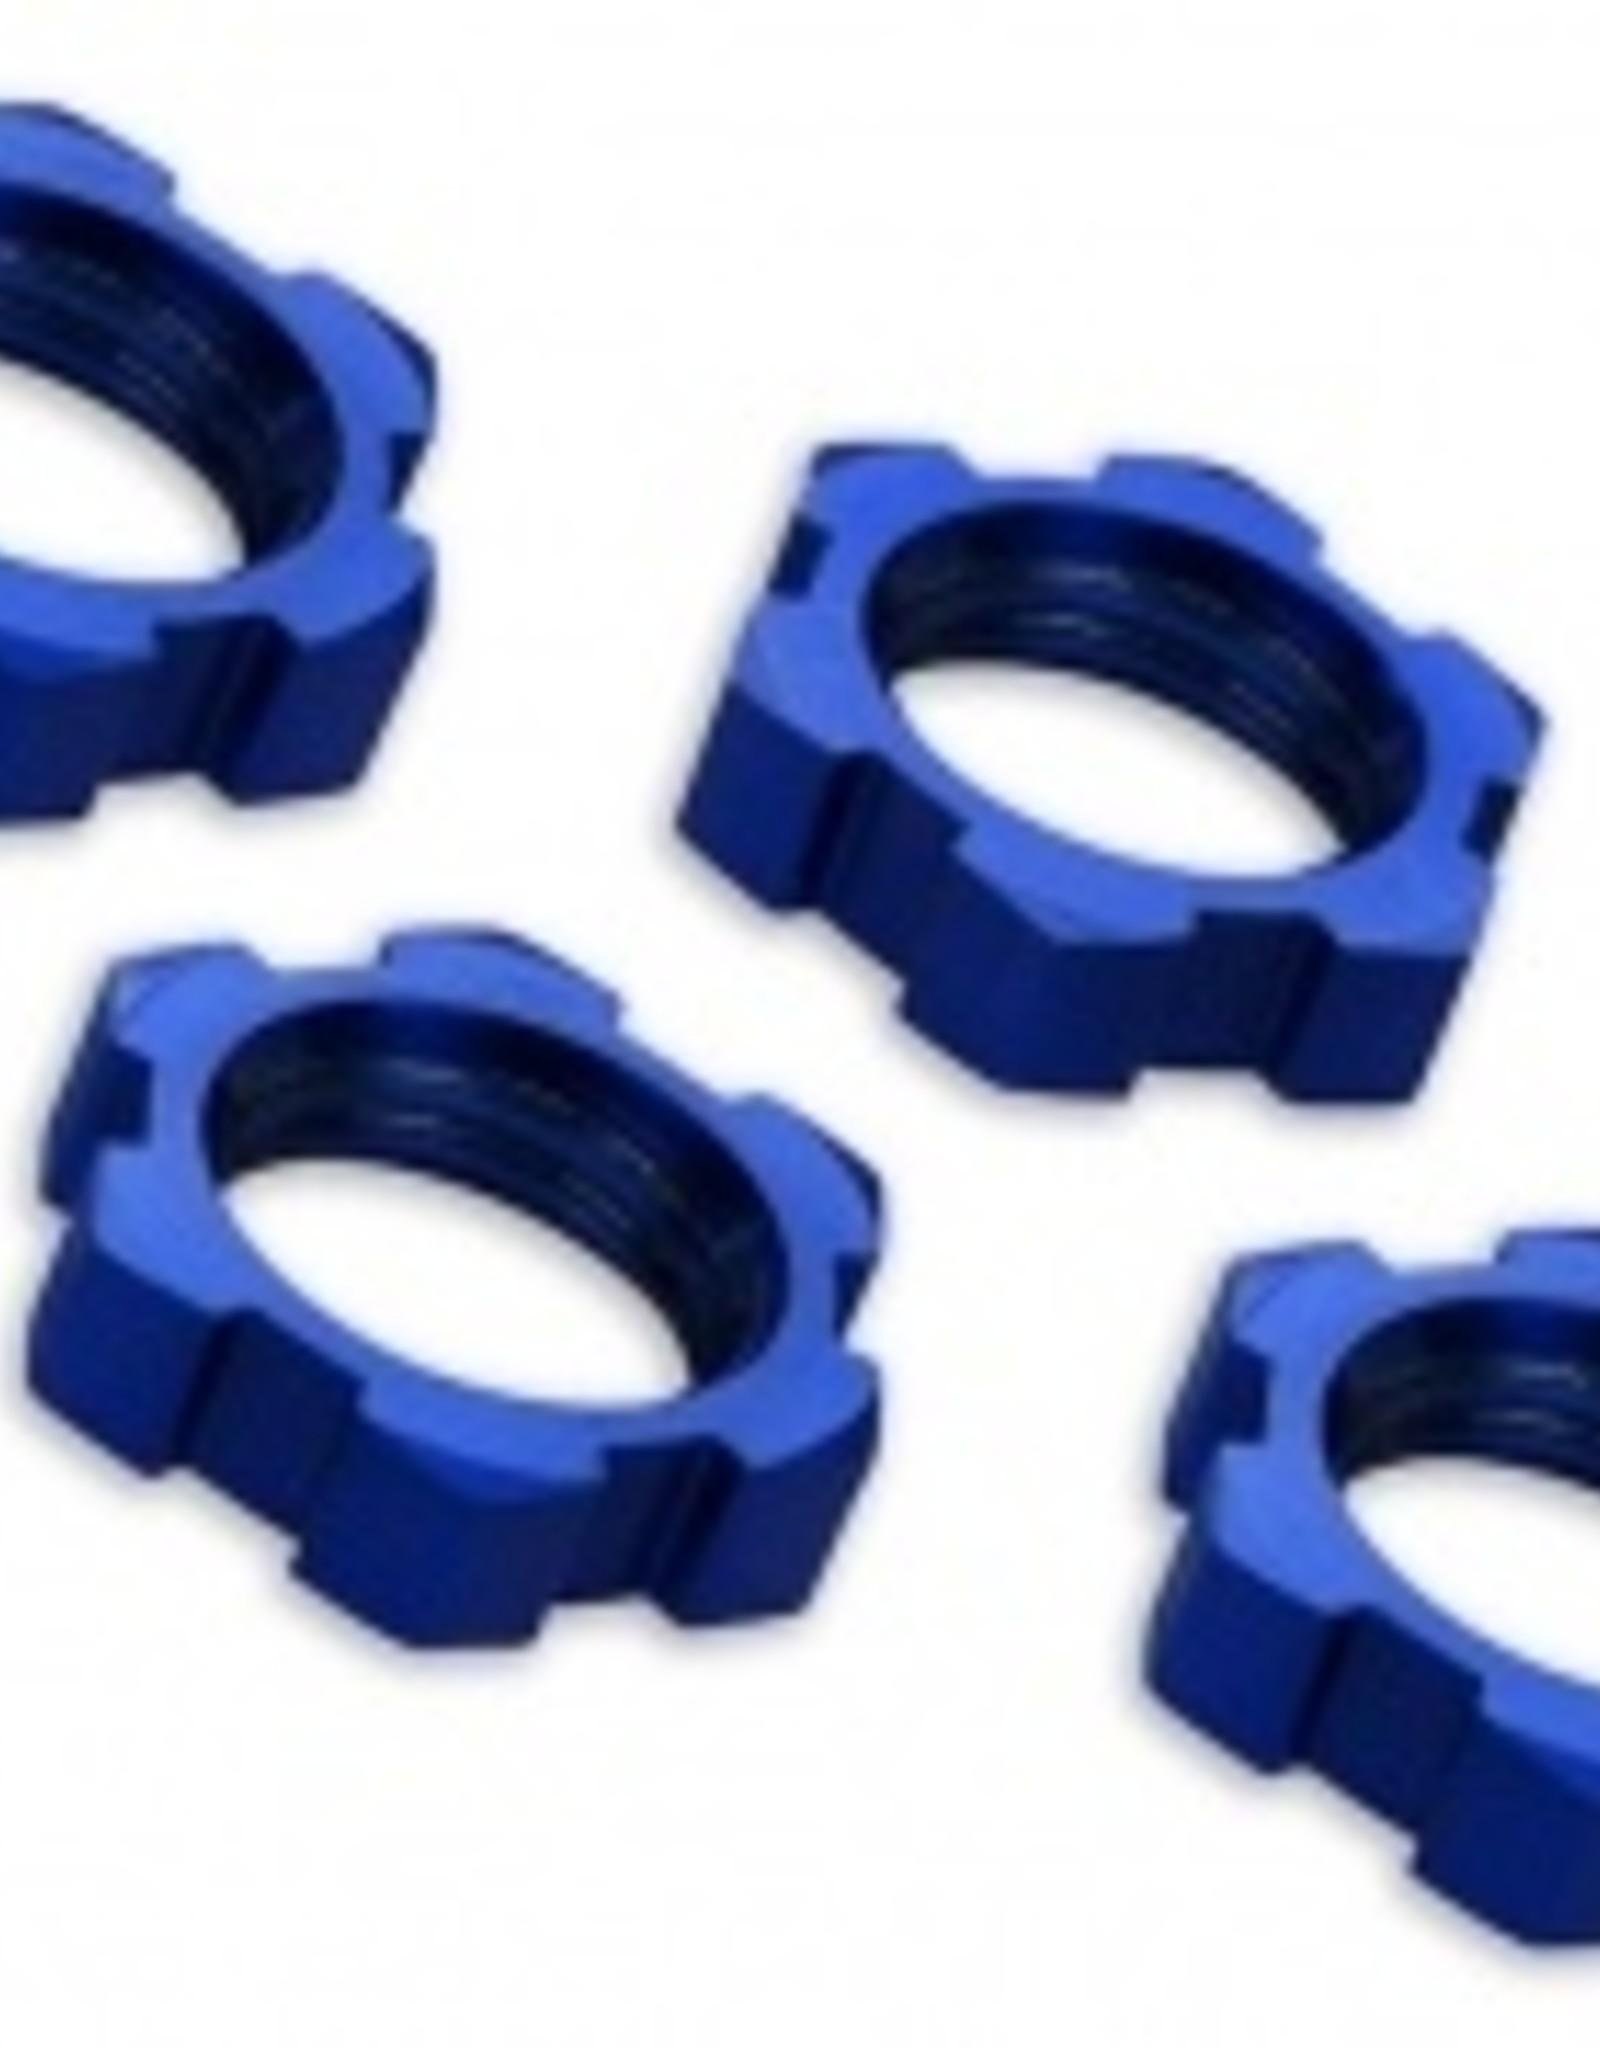 Traxxas Traxxas Wheel nuts, splined, 17mm, serrated (Blue-anodized) (4)